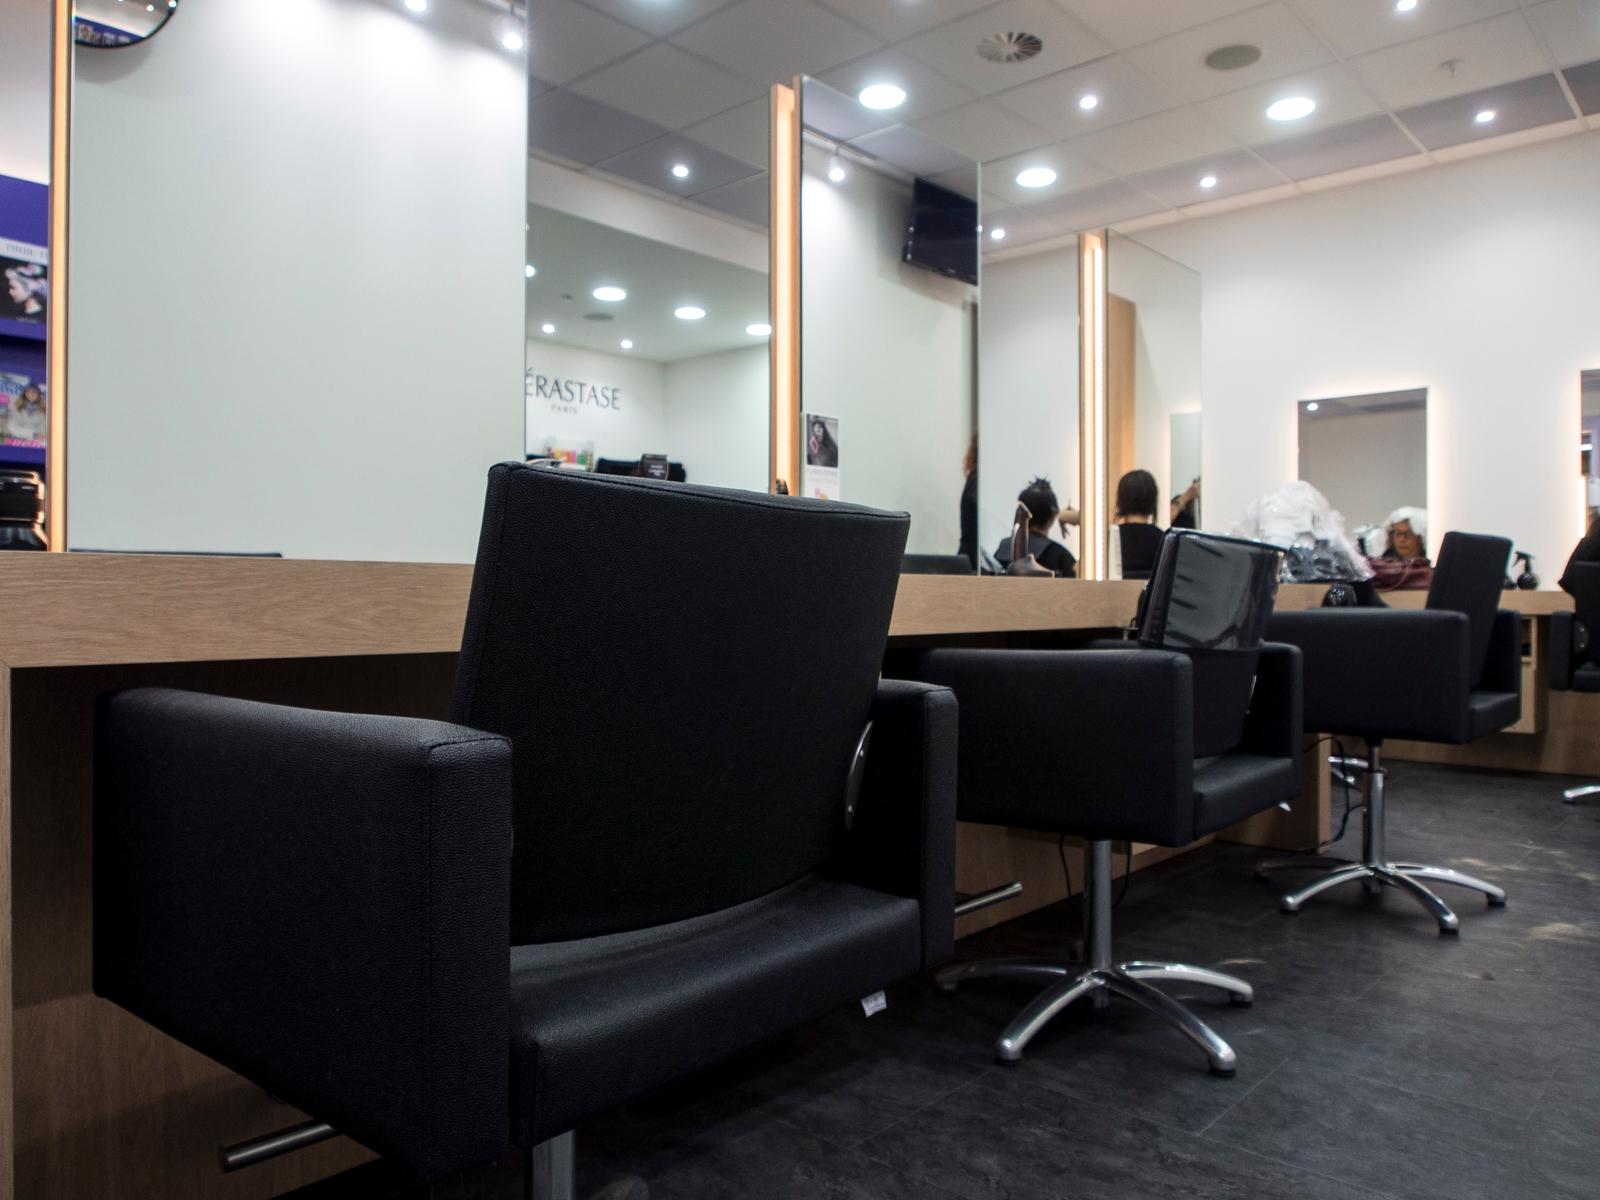 Venez d couvrir notre nouvelle d coration du salon nous sommes ouverts pendant les vacances - Salon de toilettage hainaut ...